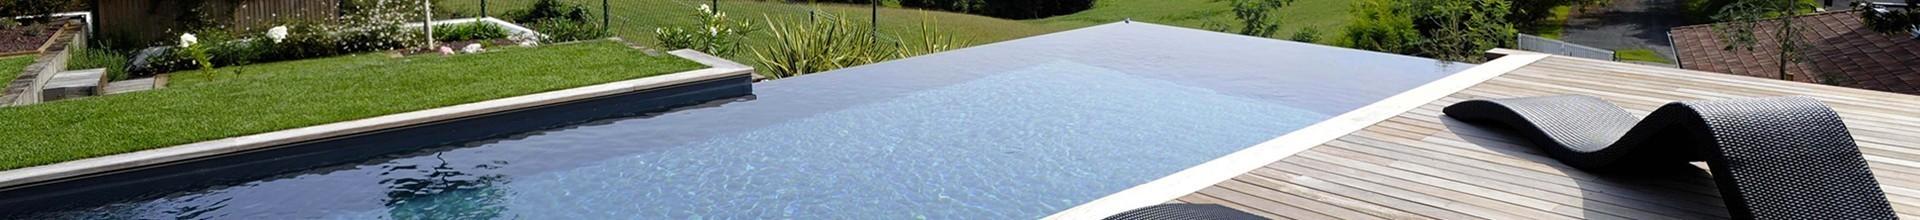 Direct usine, piscine coque prix Dudelange